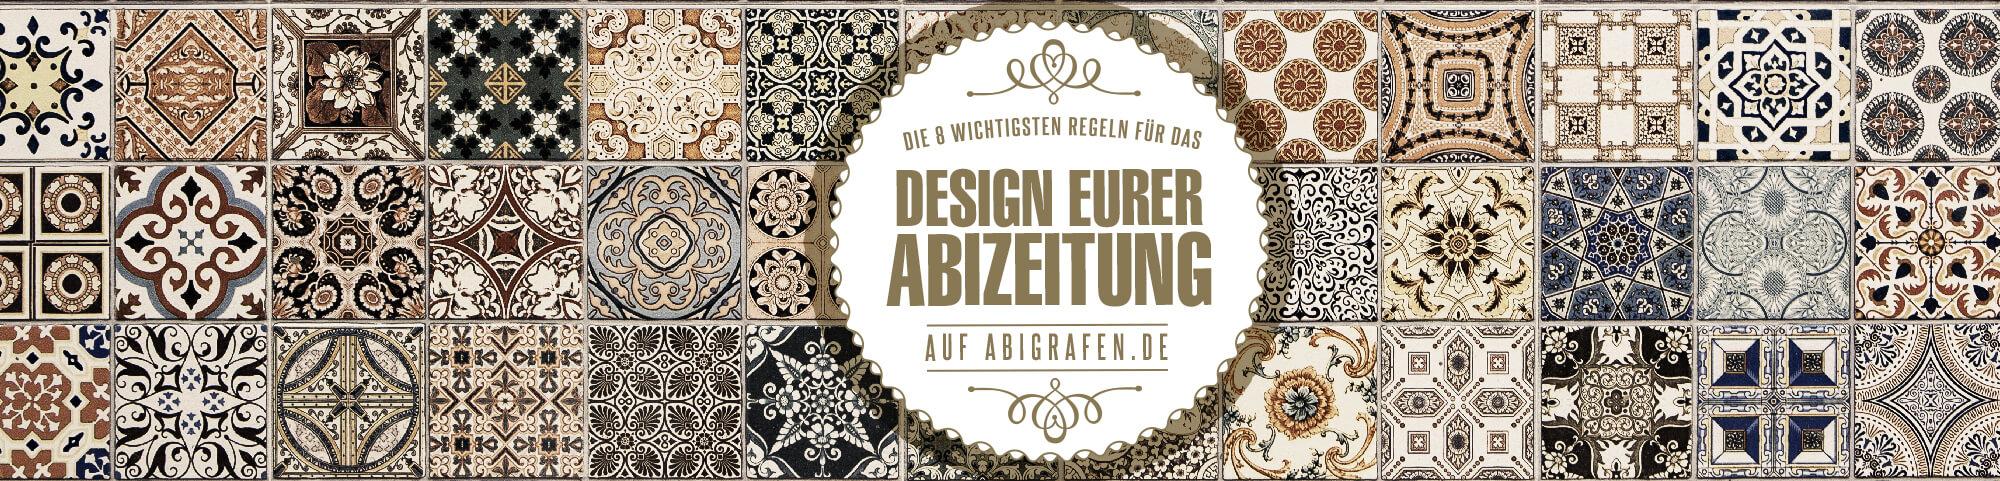 Abschlusszeitung Design Regeln, das Wichtigste beim Gestalten inkl. Beispielgrafiken & Visualisierungen